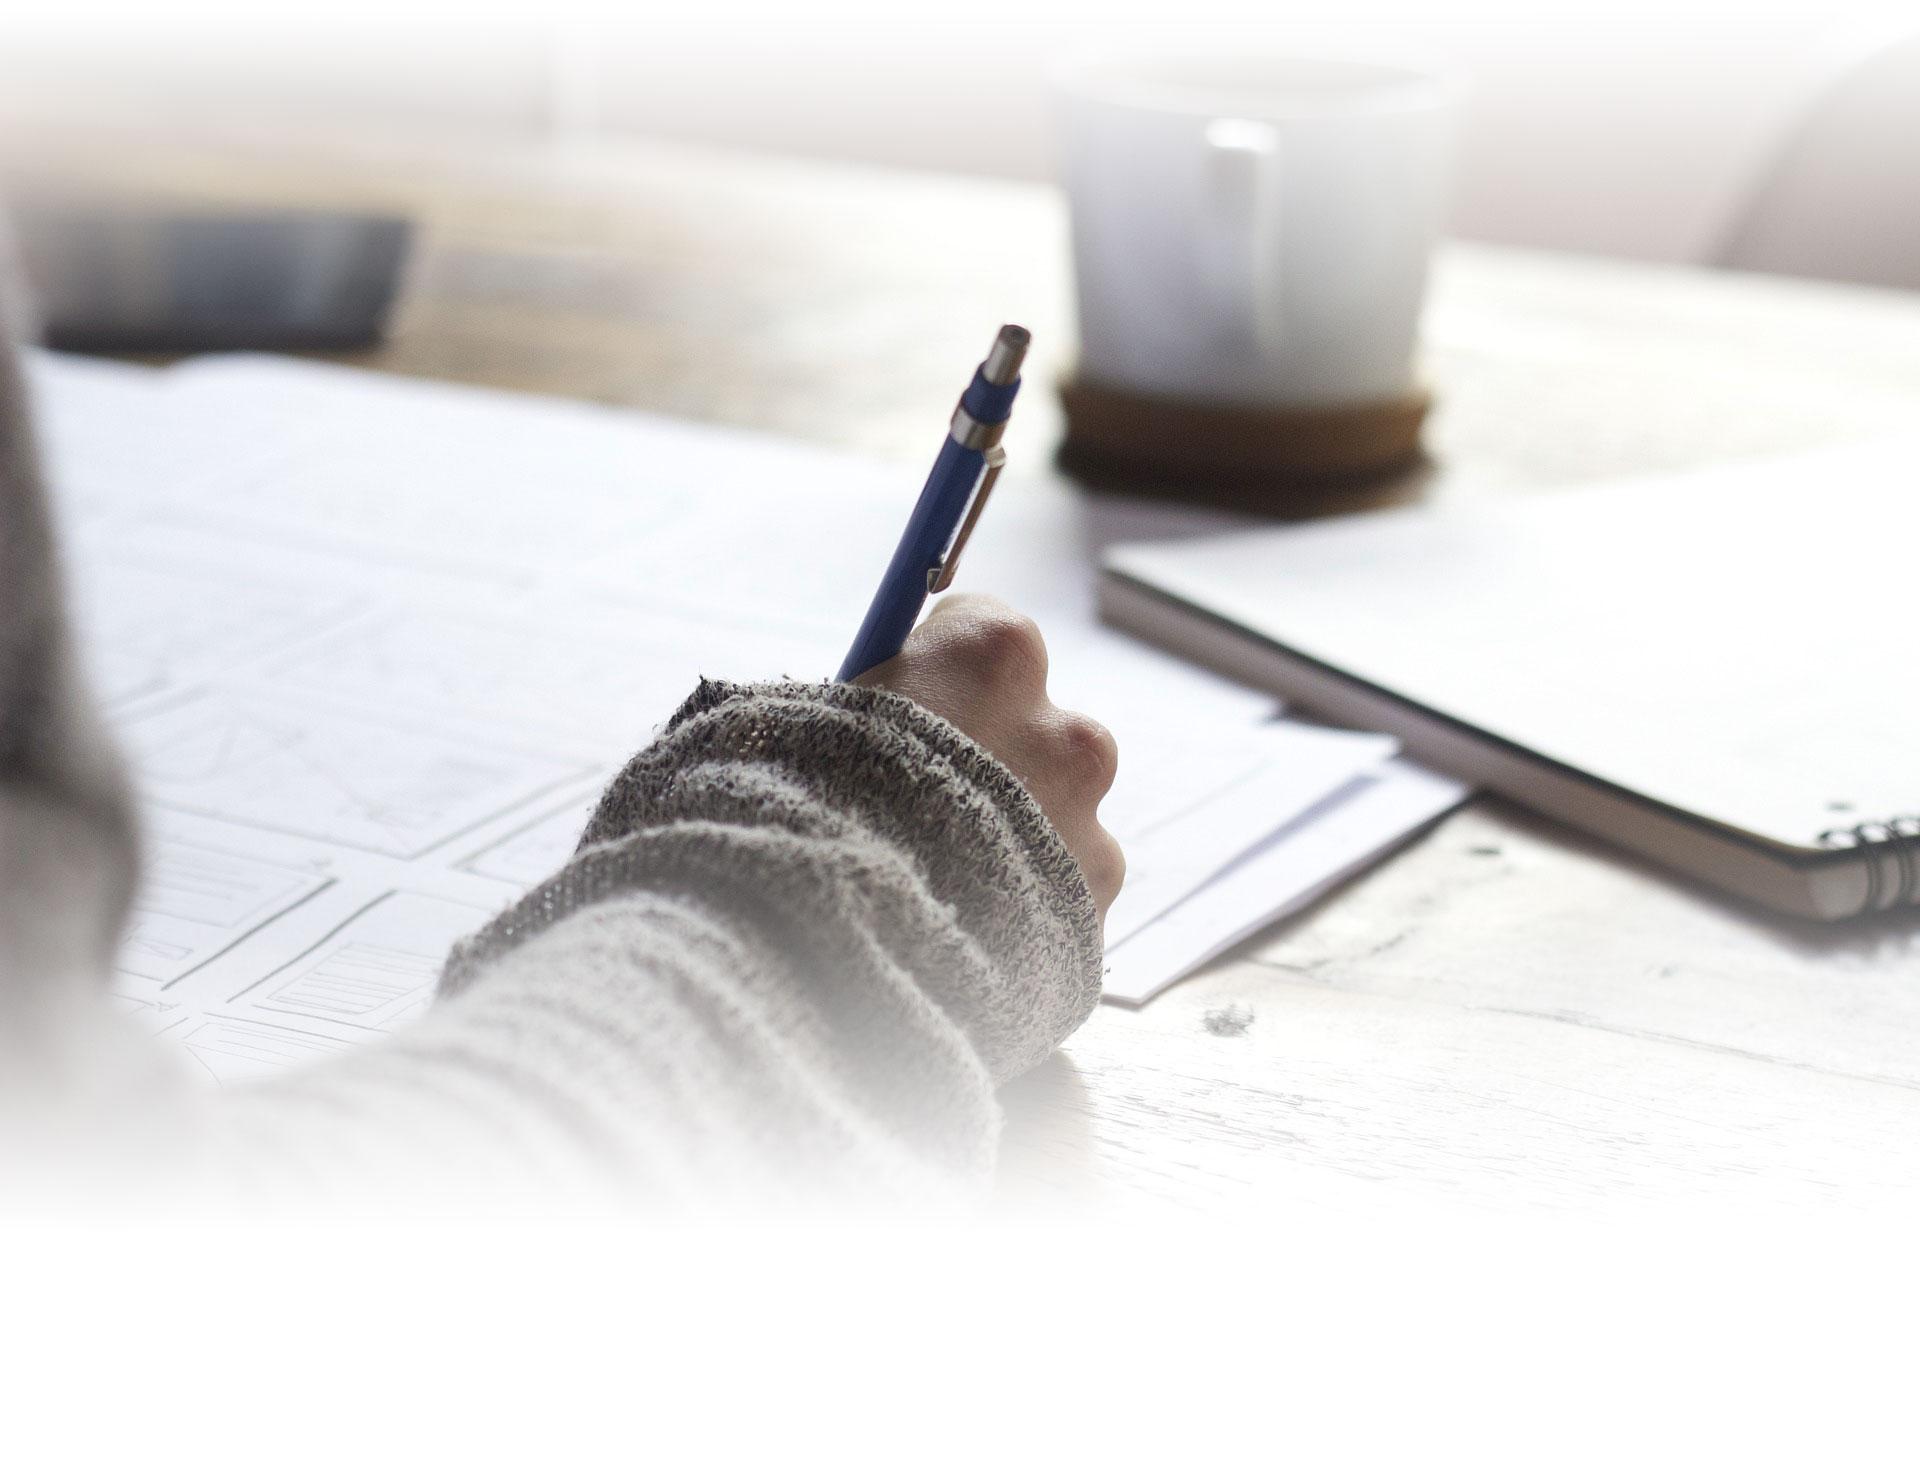 Wunderbar Eine Drehbuchvorlage Schreiben Ideen - Entry Level Resume ...